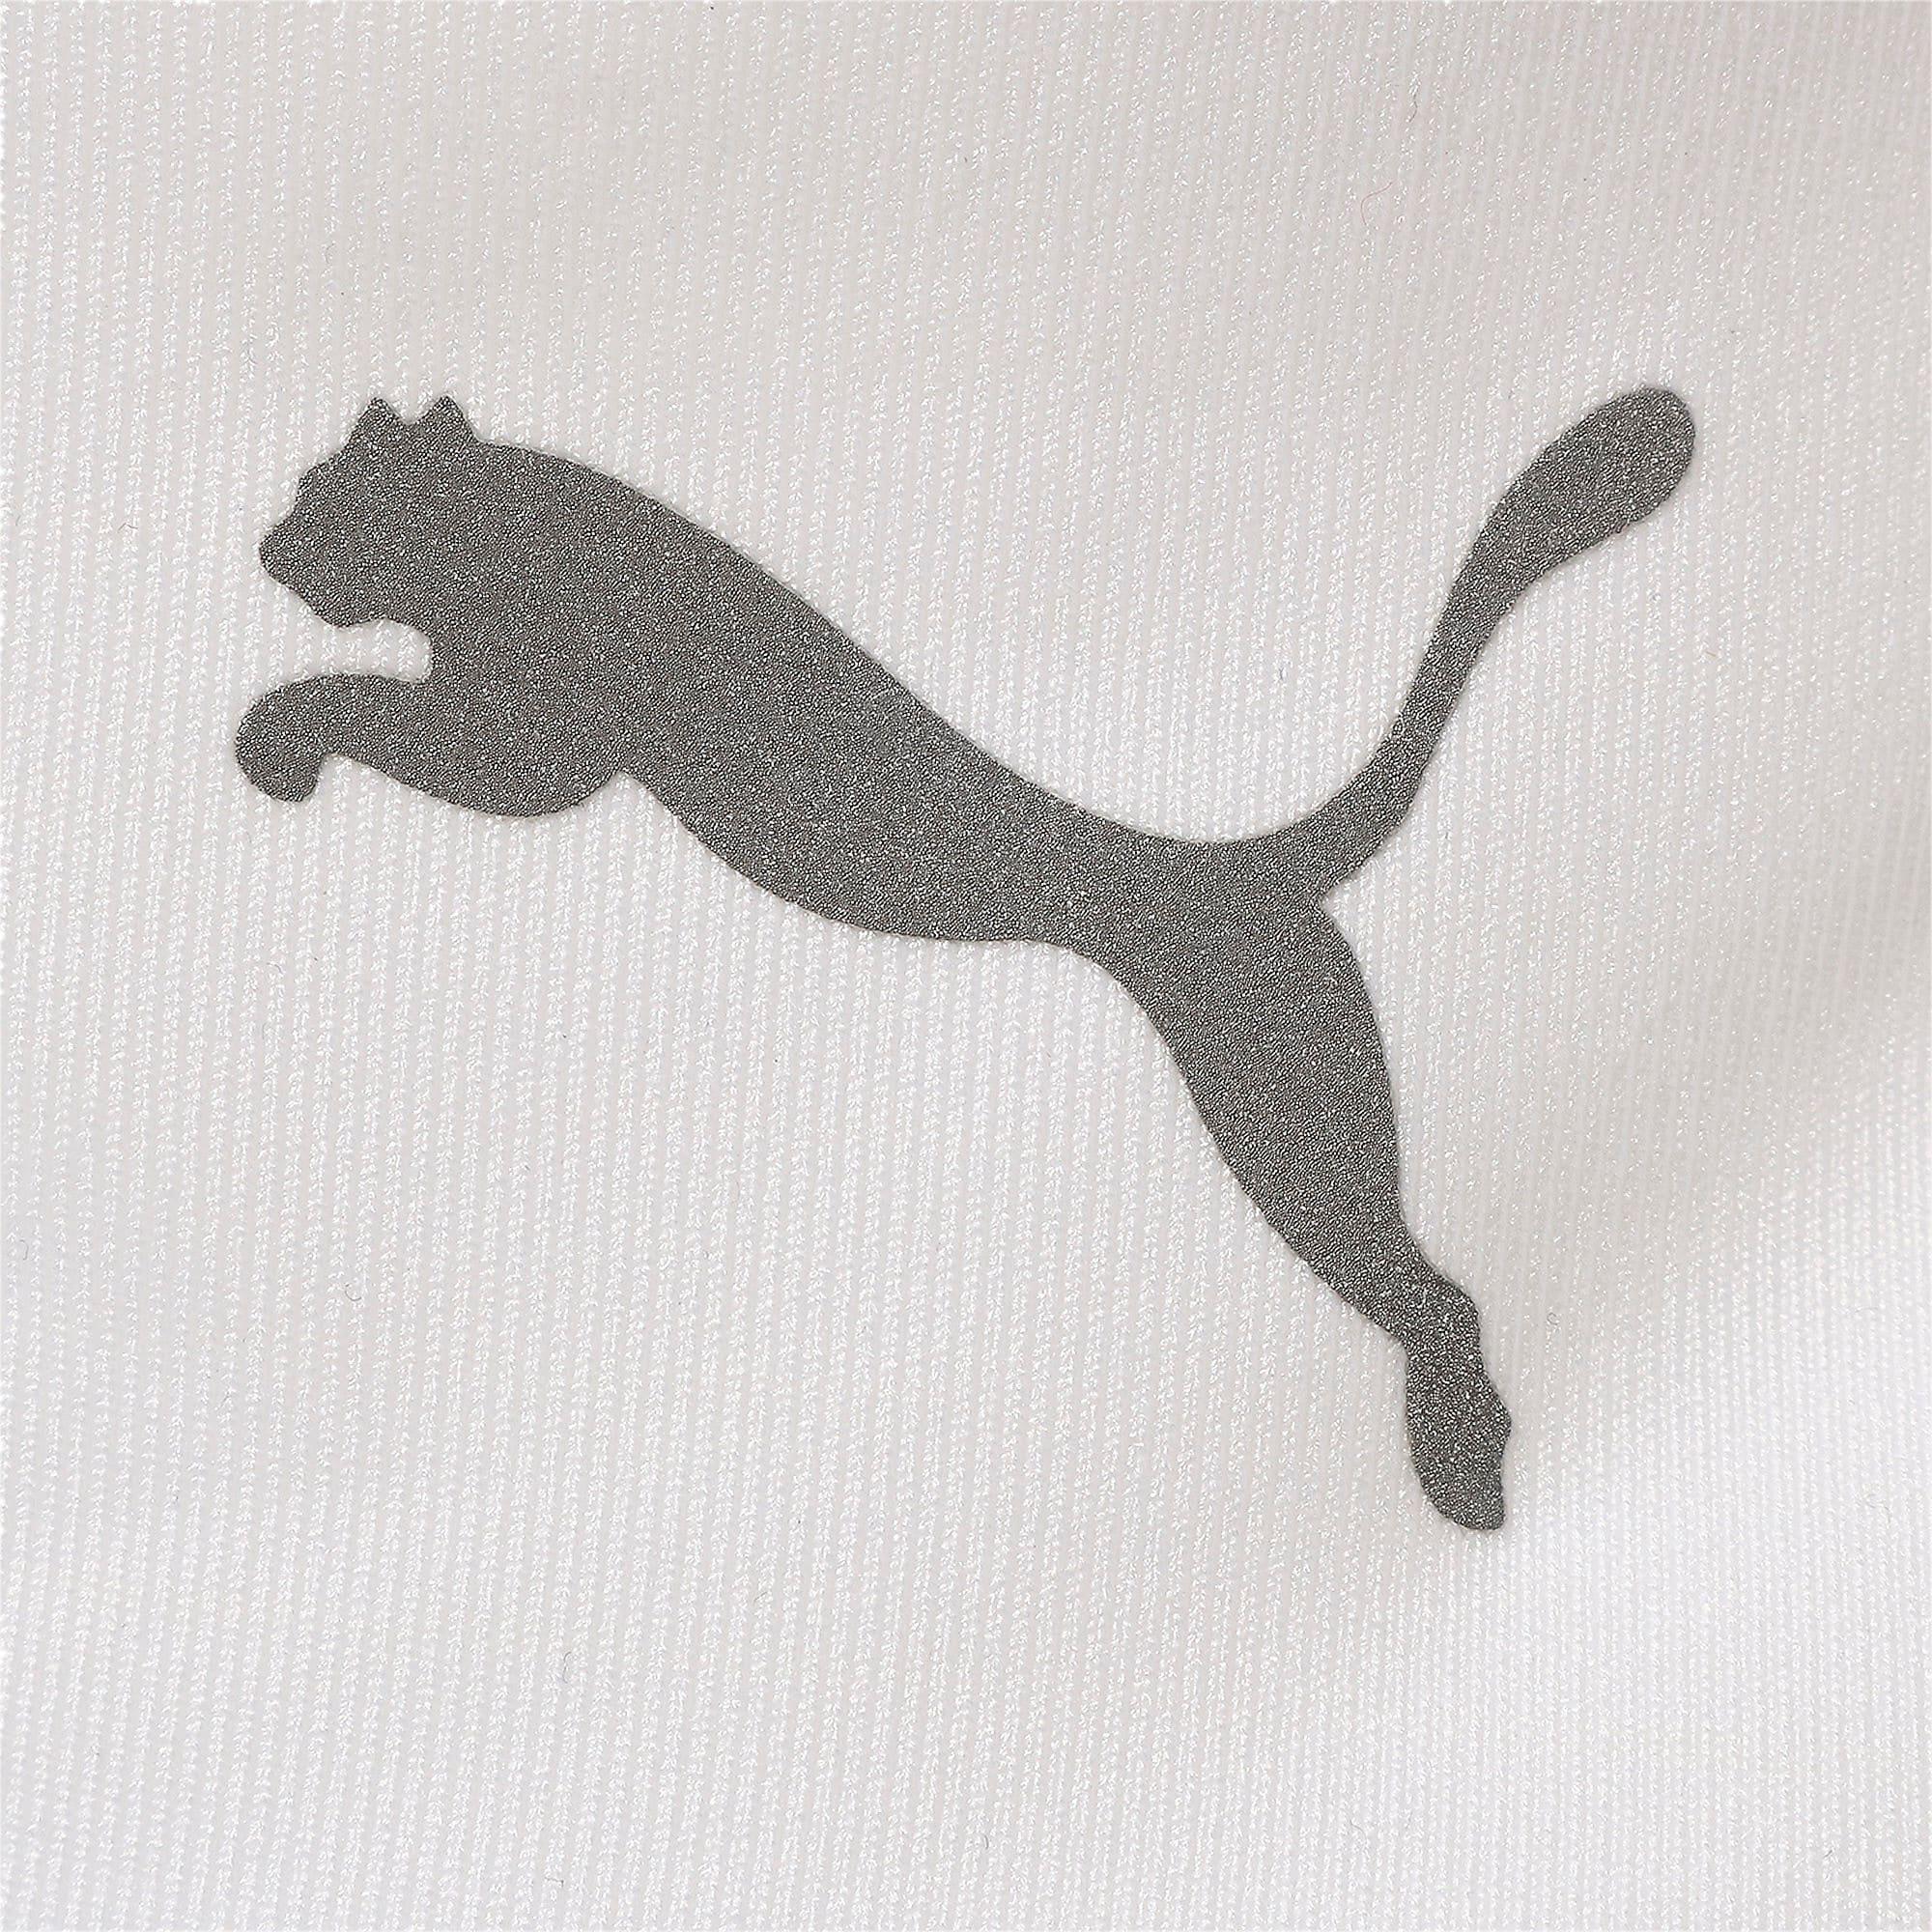 Thumbnail 4 of テック ライト LSモックネック ウィメンズ トレーニング Tシャツ 長袖, Puma White, medium-JPN